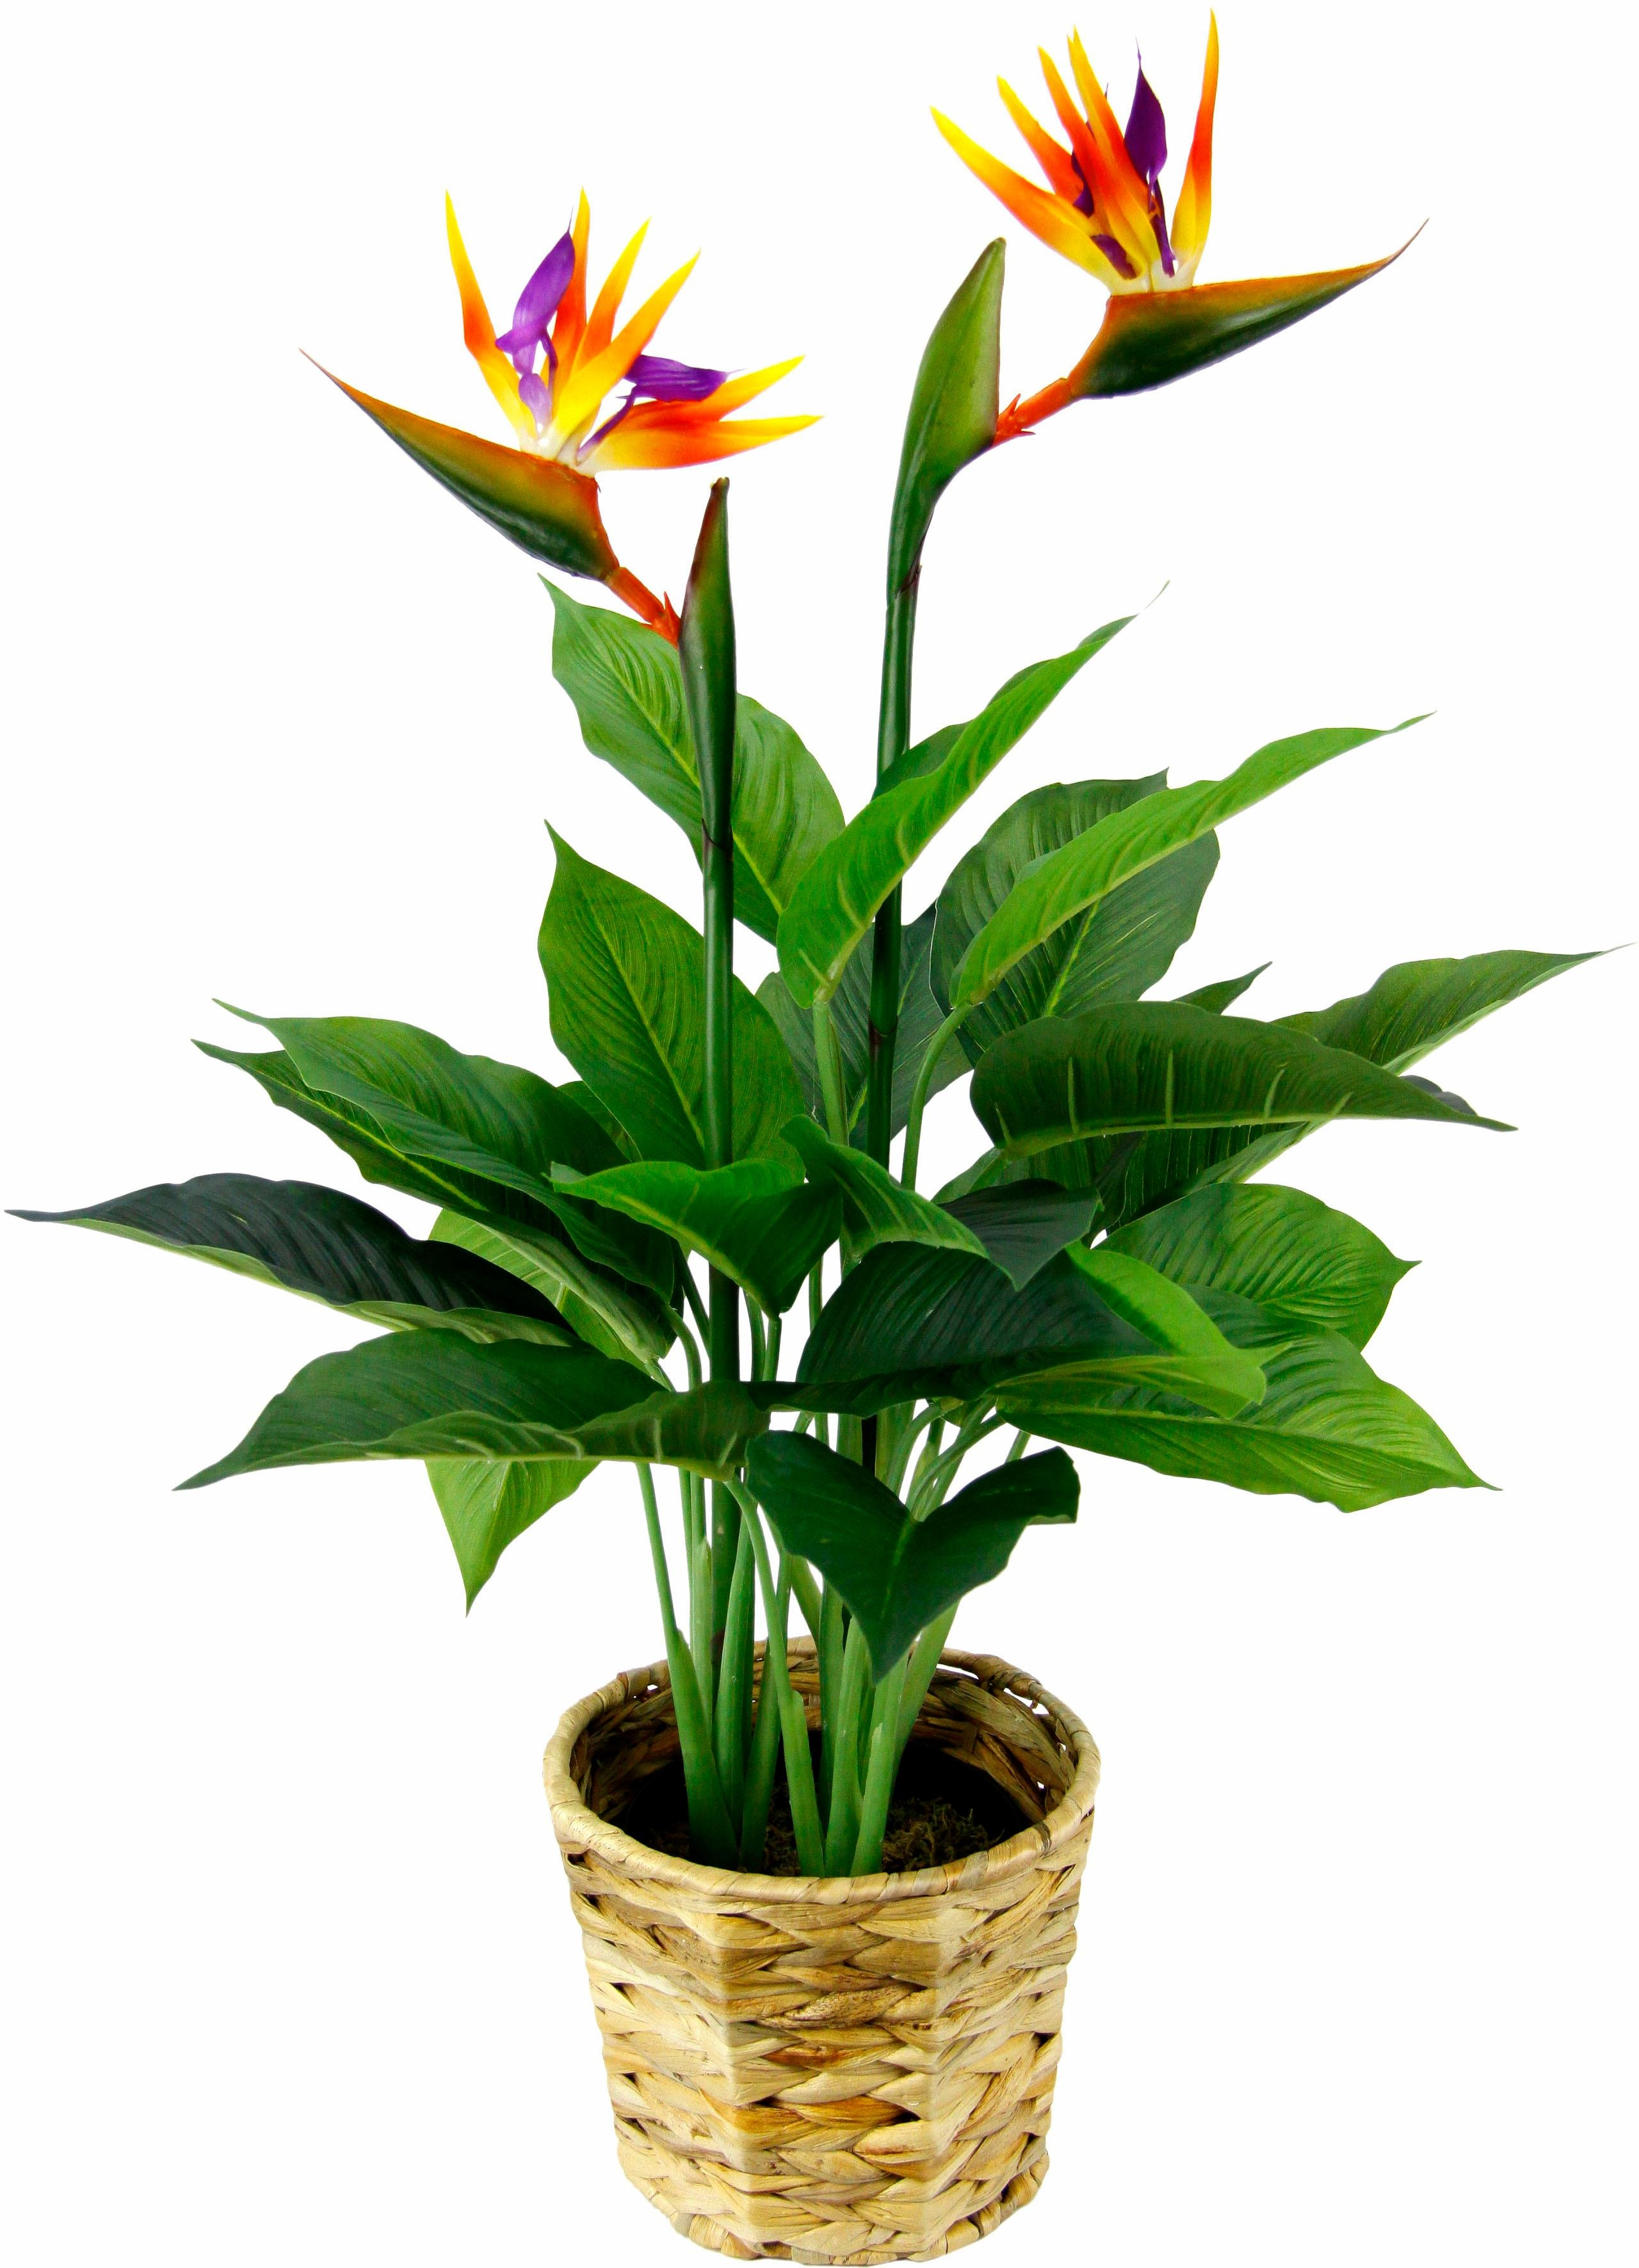 Kunstpflanze Strelitzienpflanze in Wasserhyazinthentopf Technik & Freizeit/Heimwerken & Garten/Garten & Balkon/Pflanzen/Zimmerpflanzen